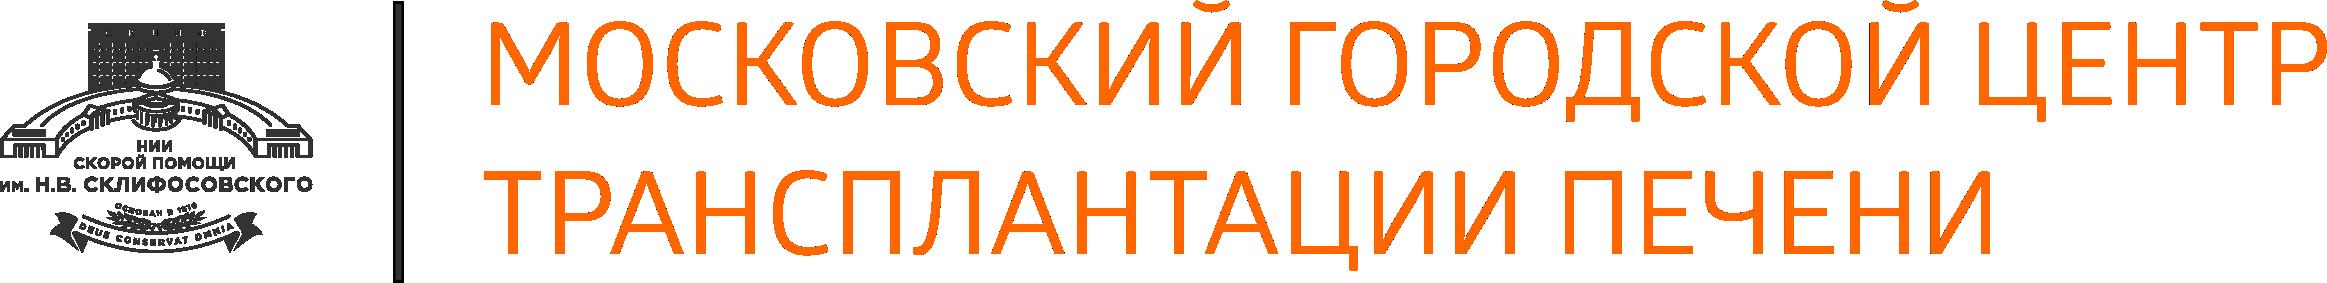 Московский городской центр трансплантации печени